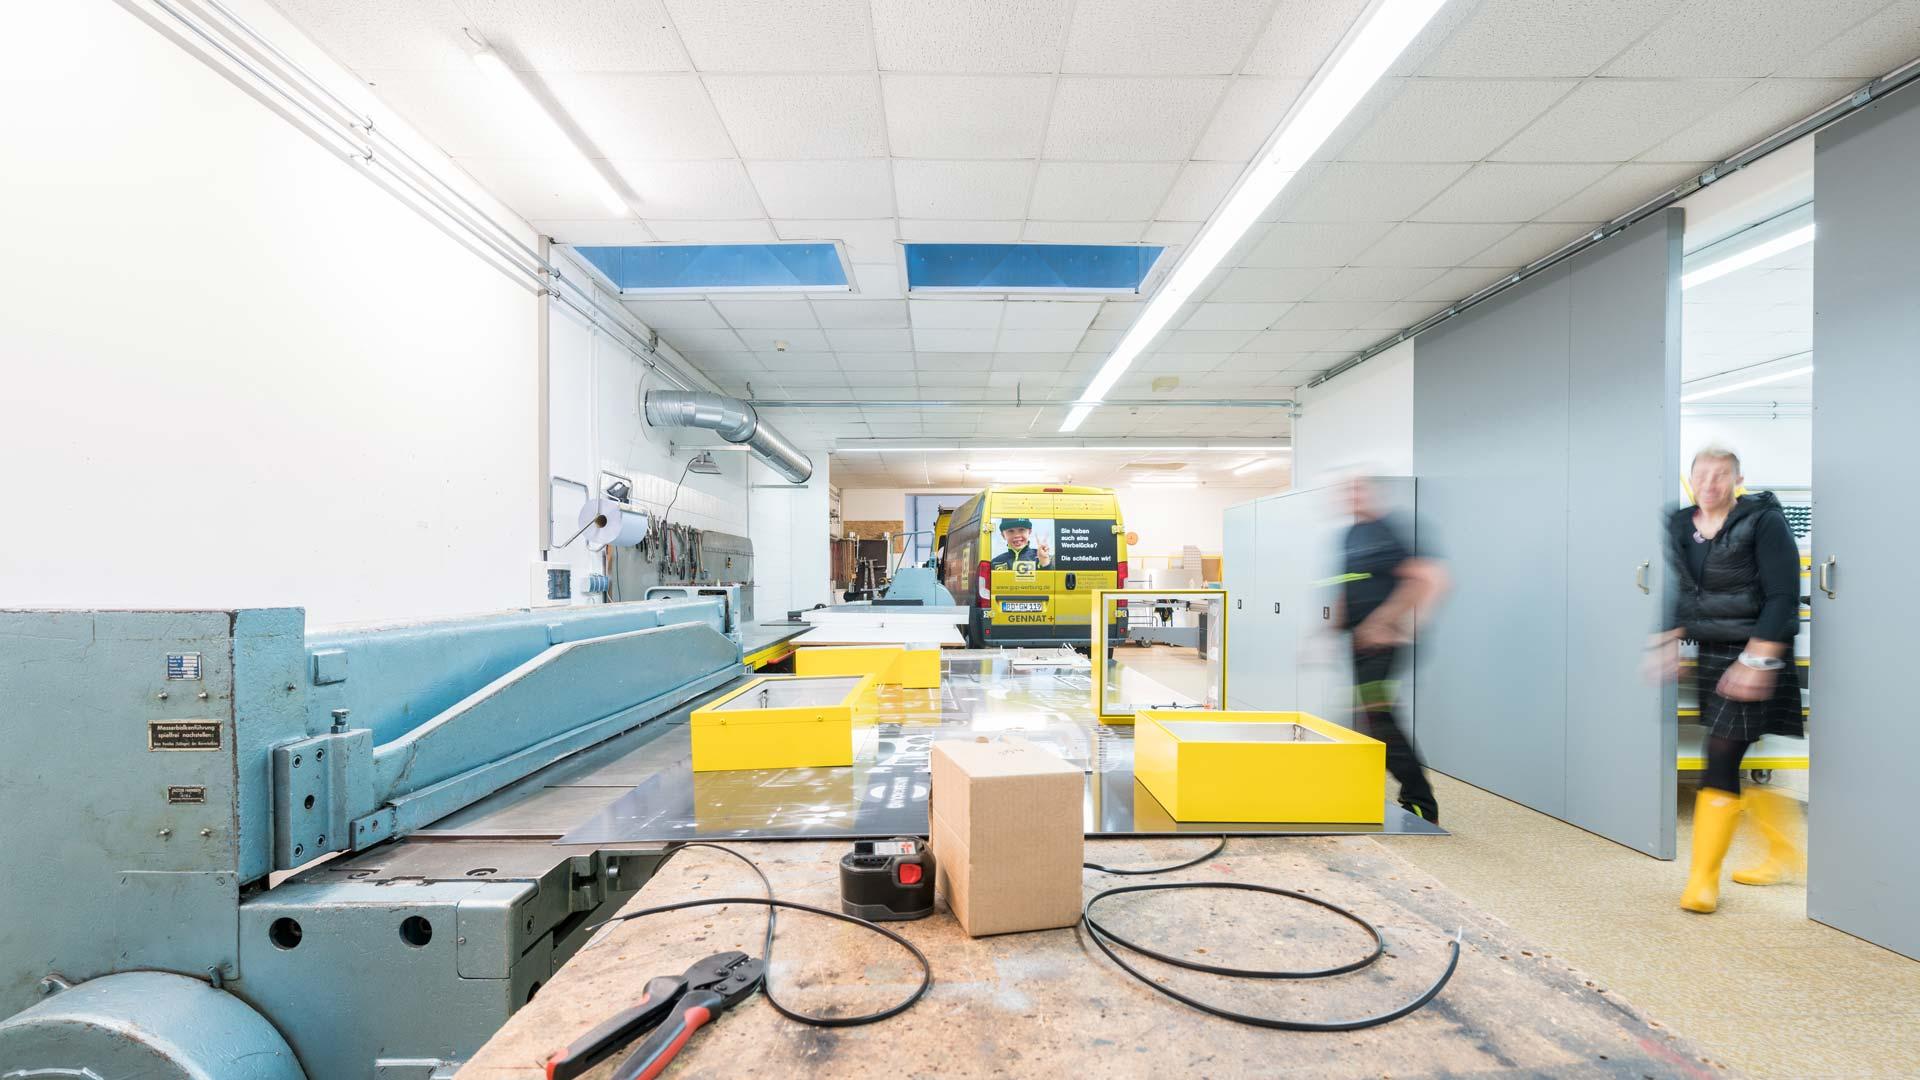 Produktionsstätte - Das Team | Gennat + Petersen Werbung